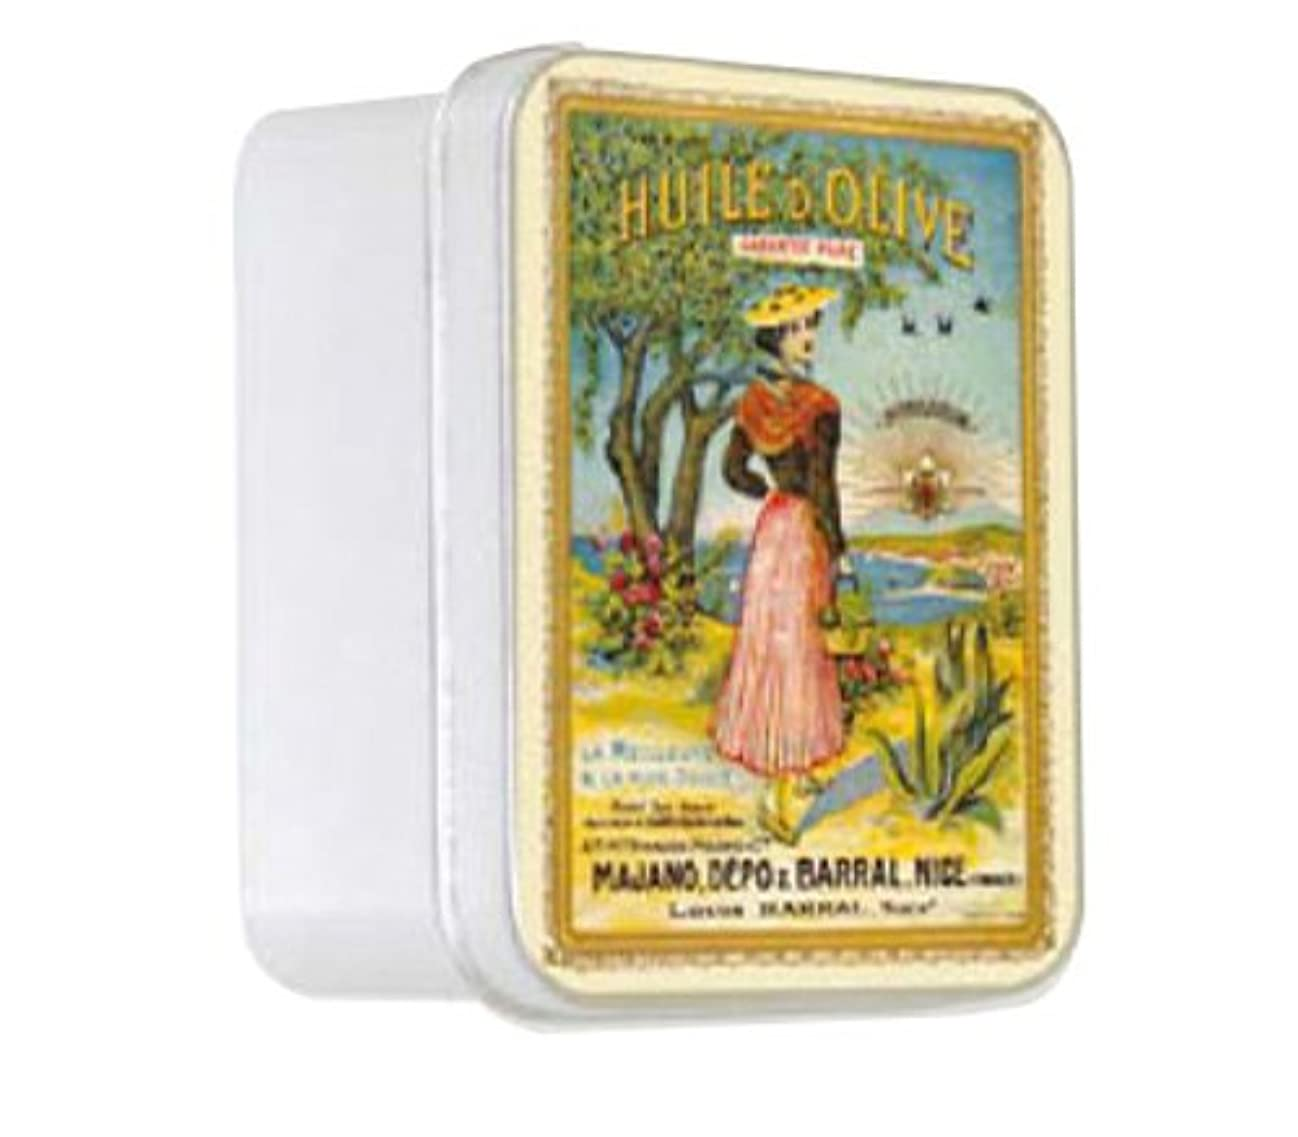 食物鮫契約ルブランソープ メタルボックス(ラ ニソワーズ?オリーブの香り)石鹸